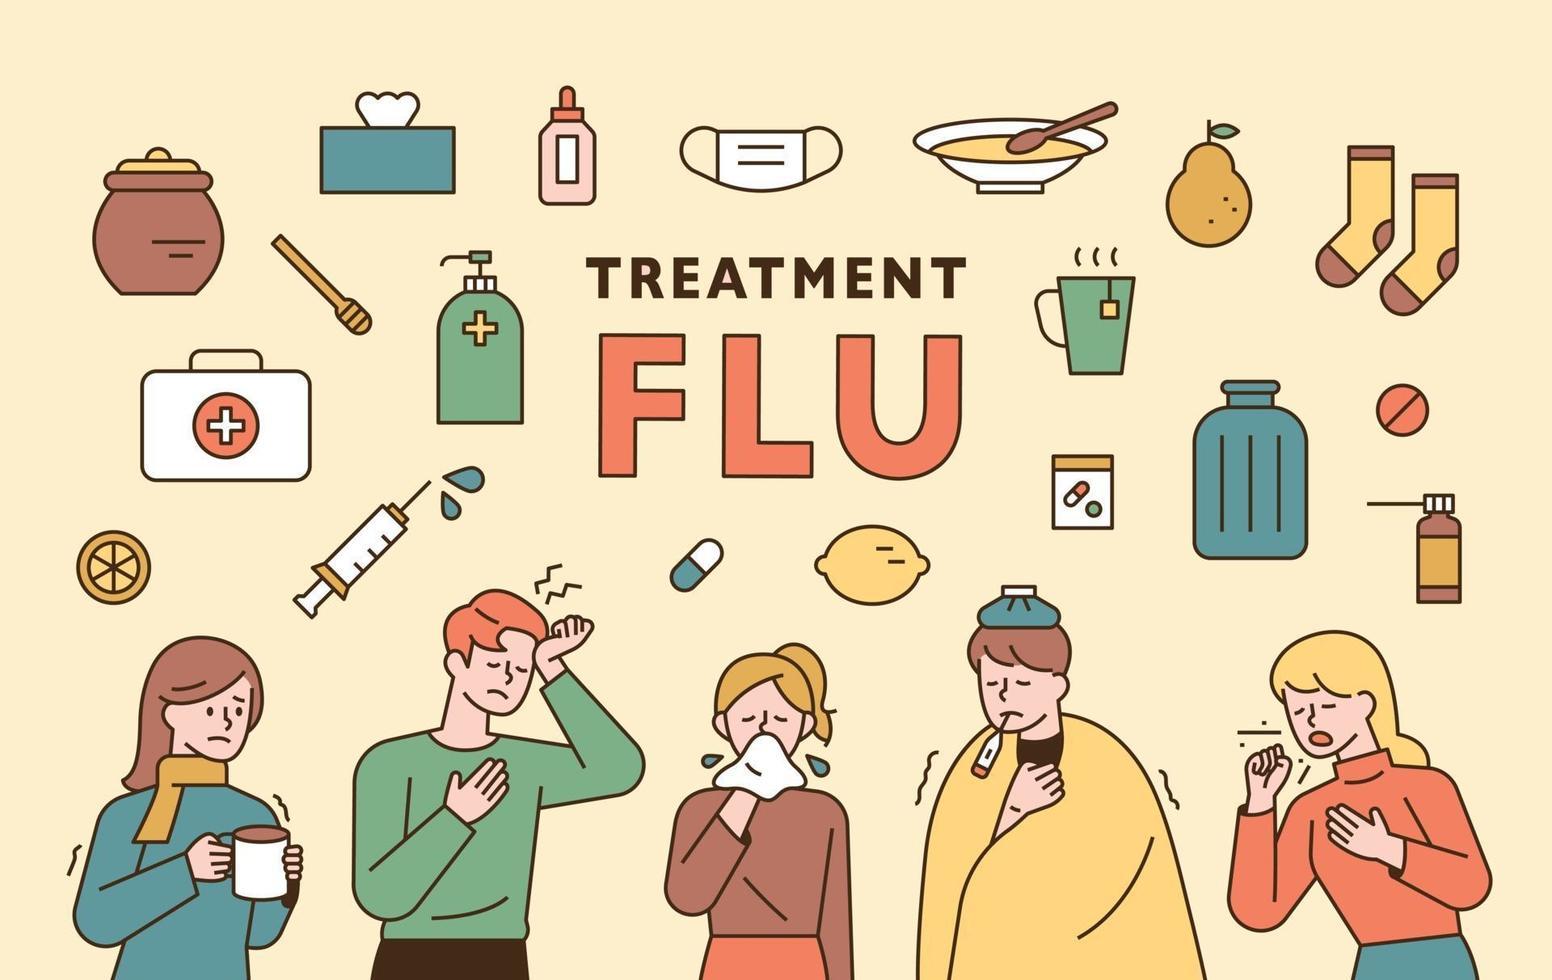 jeu d'icônes de grippe. vecteur